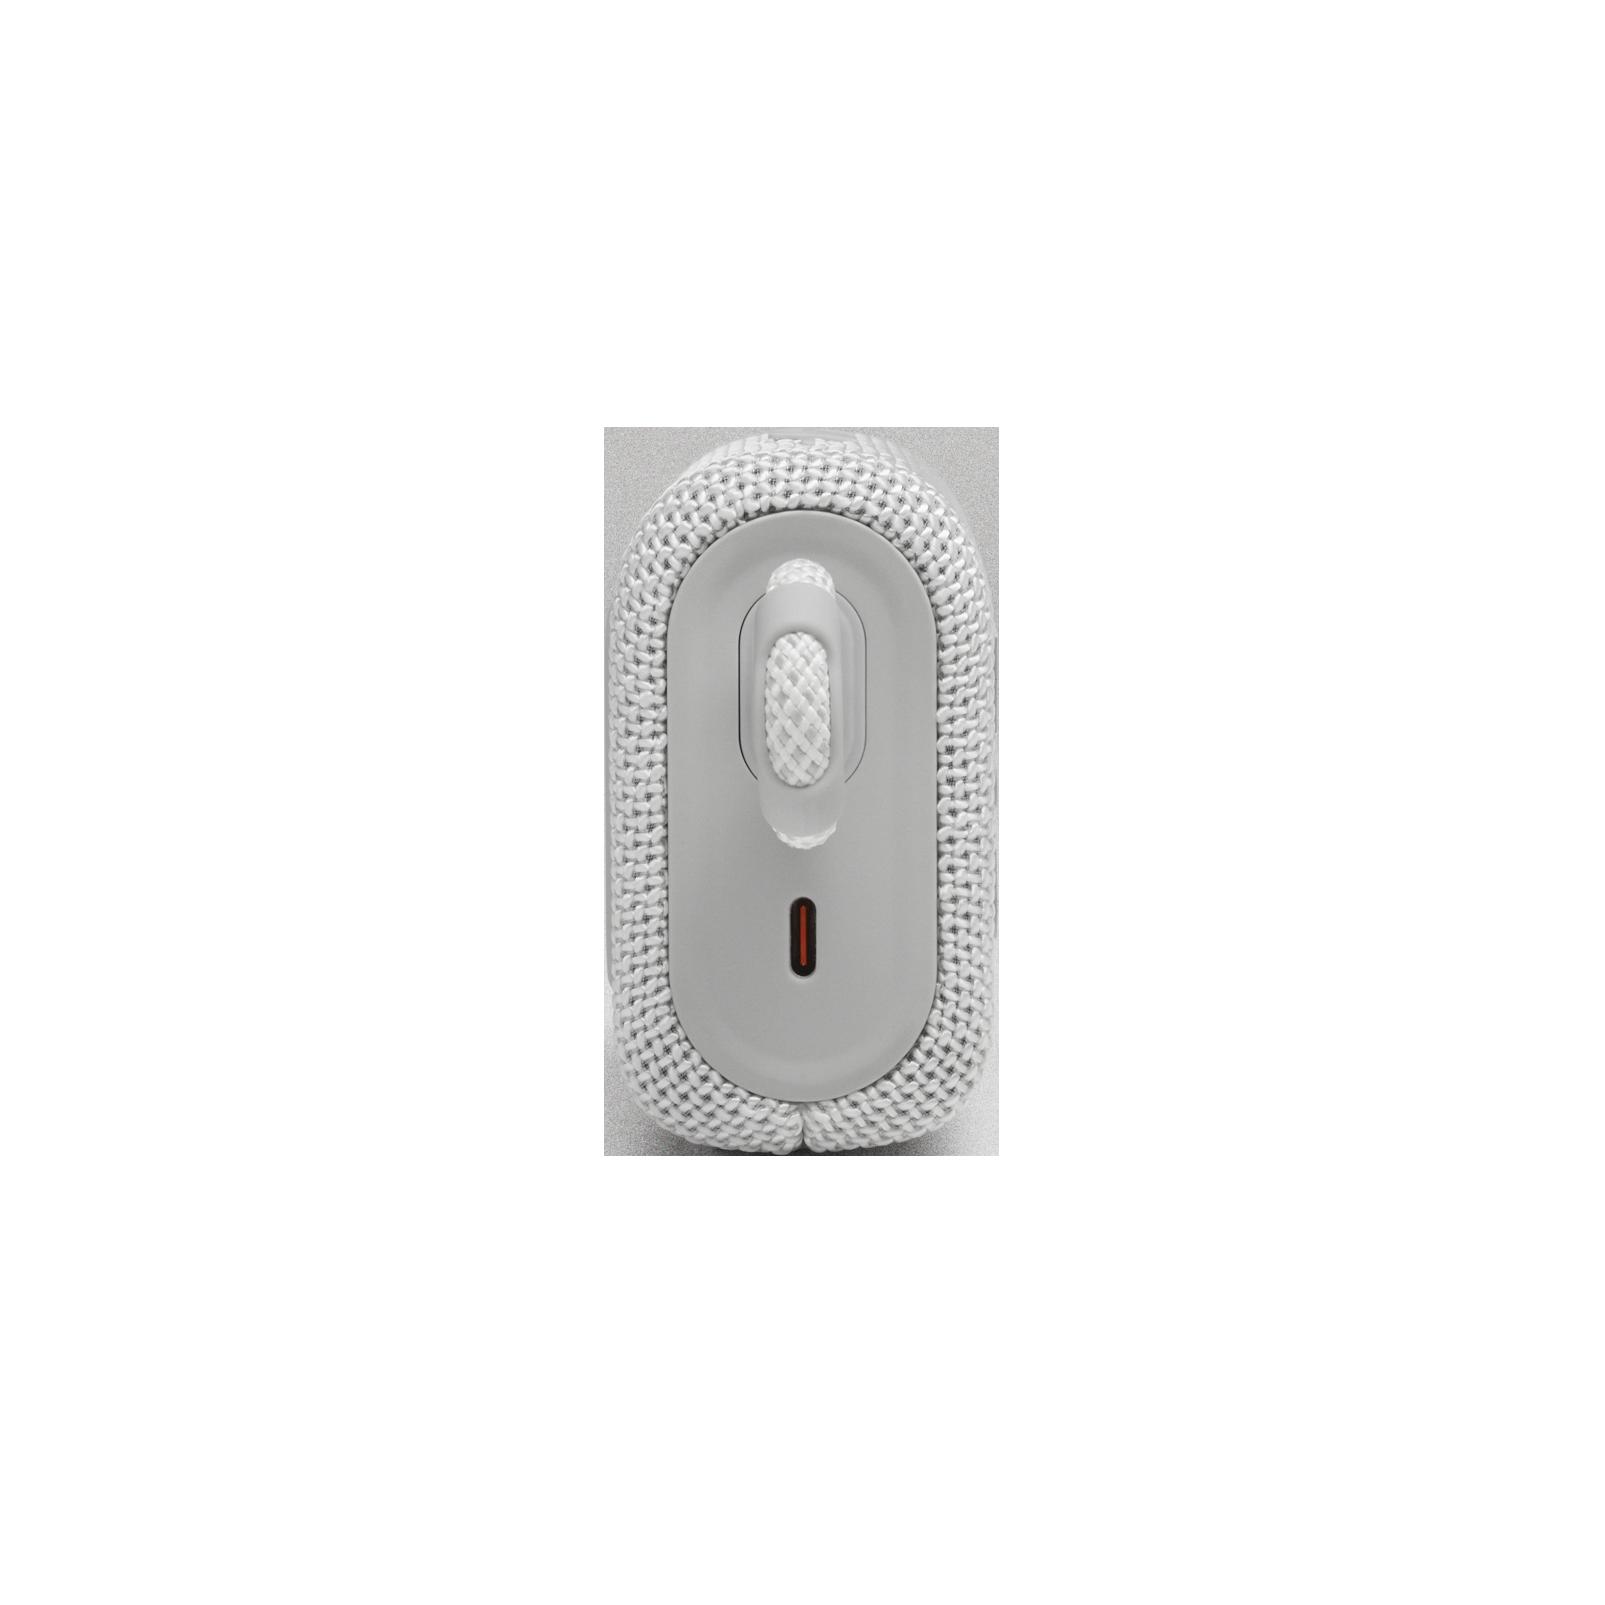 JBL GO 3 - White - Portable Waterproof Speaker - Left